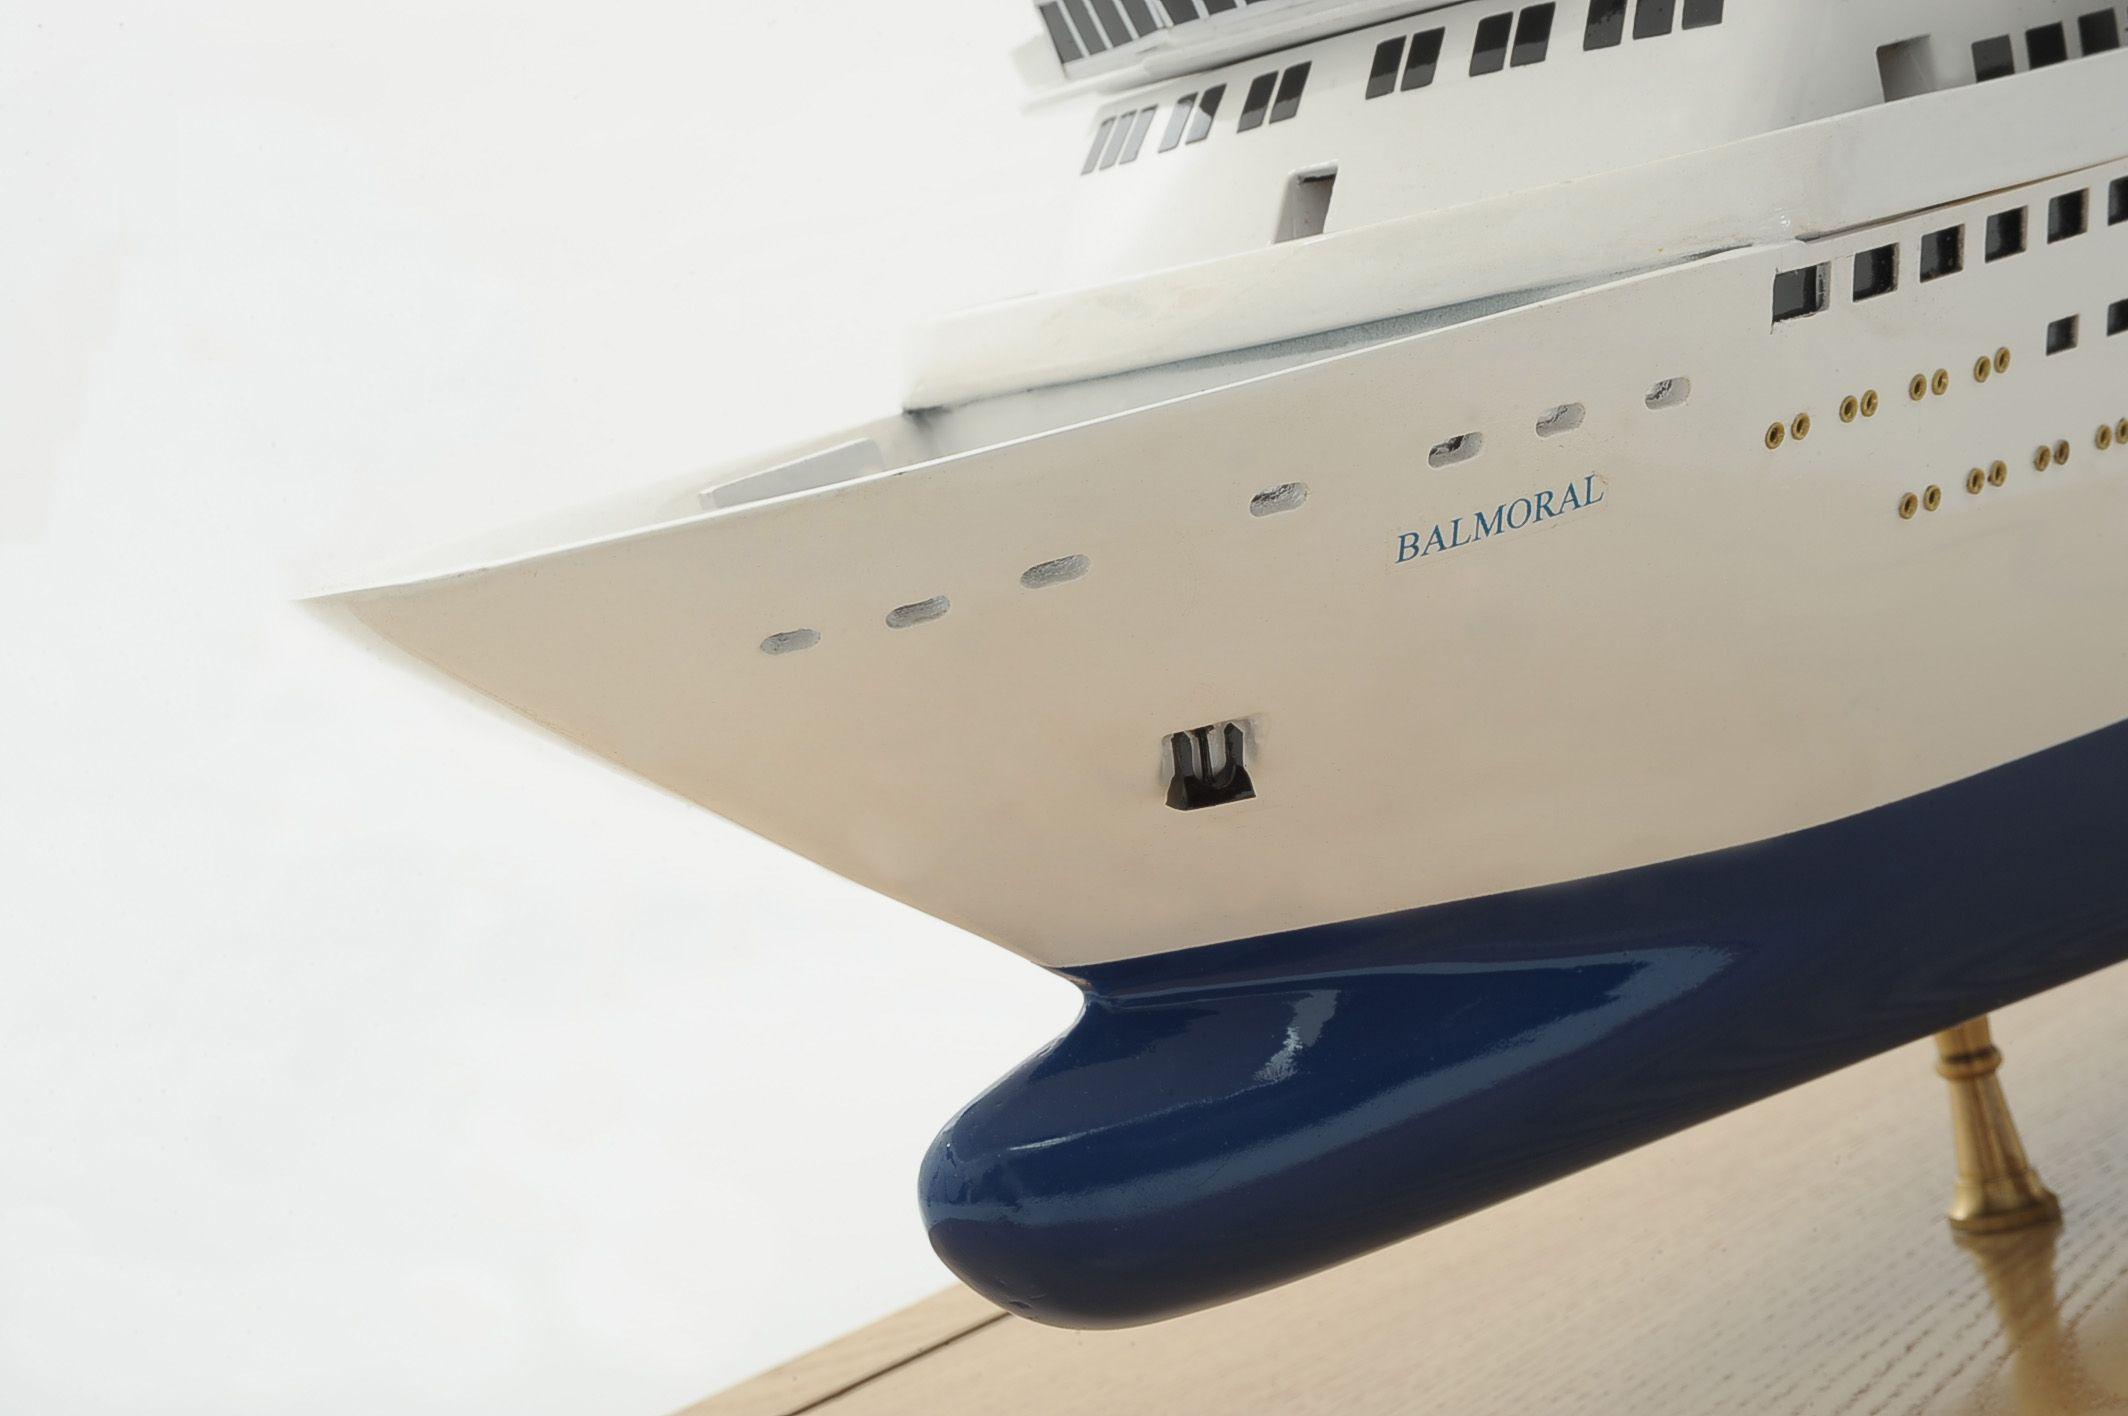 Maquette bateau - Le Balmoral